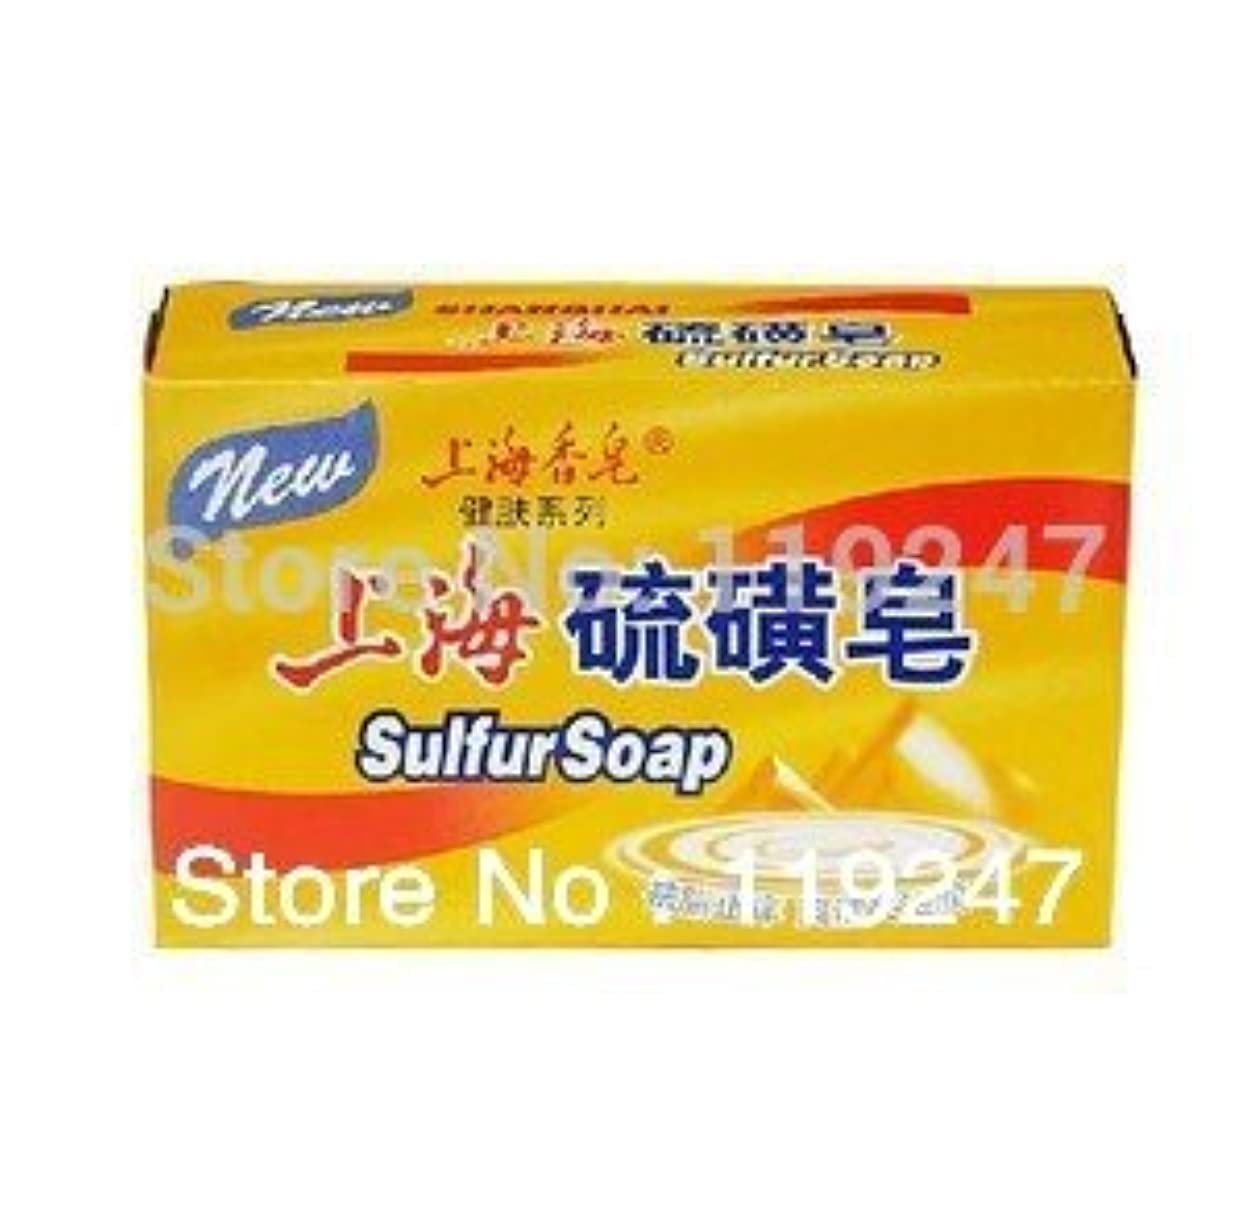 複雑なゲートウェイペニーLorny (TM) 上海硫黄石鹸アンチ菌ダニ、ストップかゆみ125グラム格安 [並行輸入品]